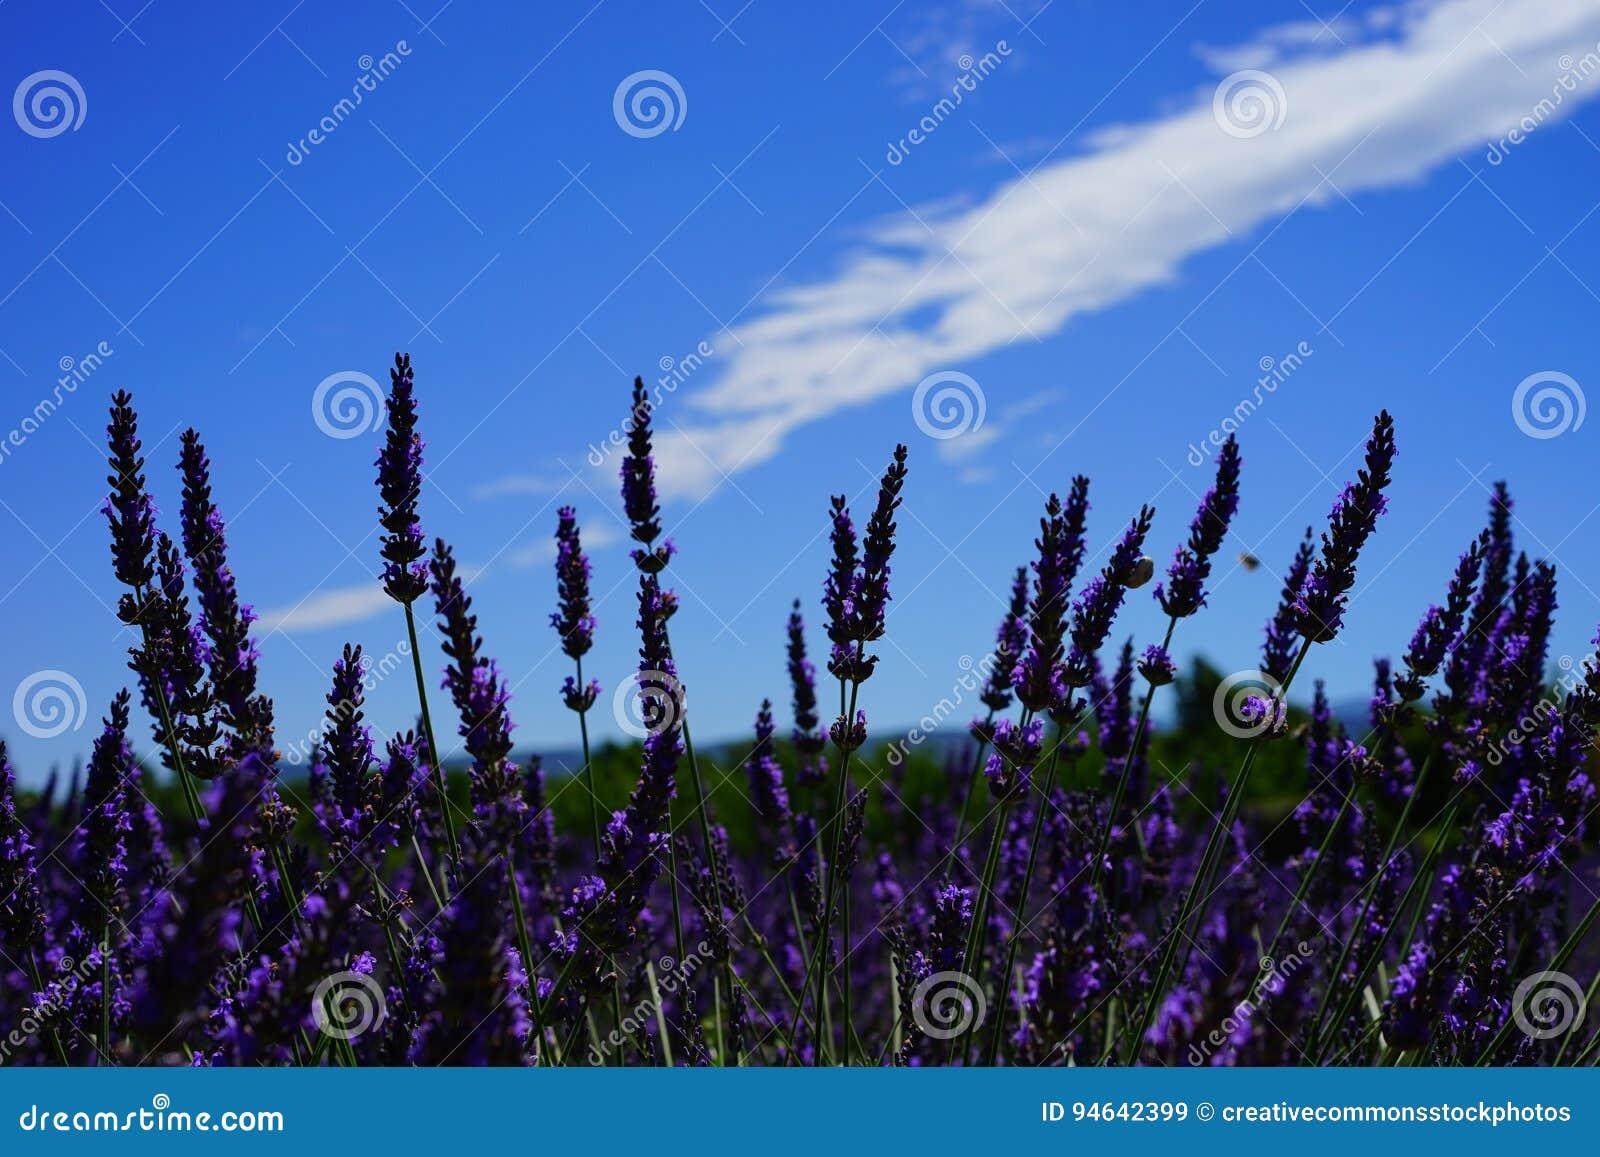 072a7bd5428 Free Public Domain CC0 Image  Lavender Flowers Picture. Image  94642399